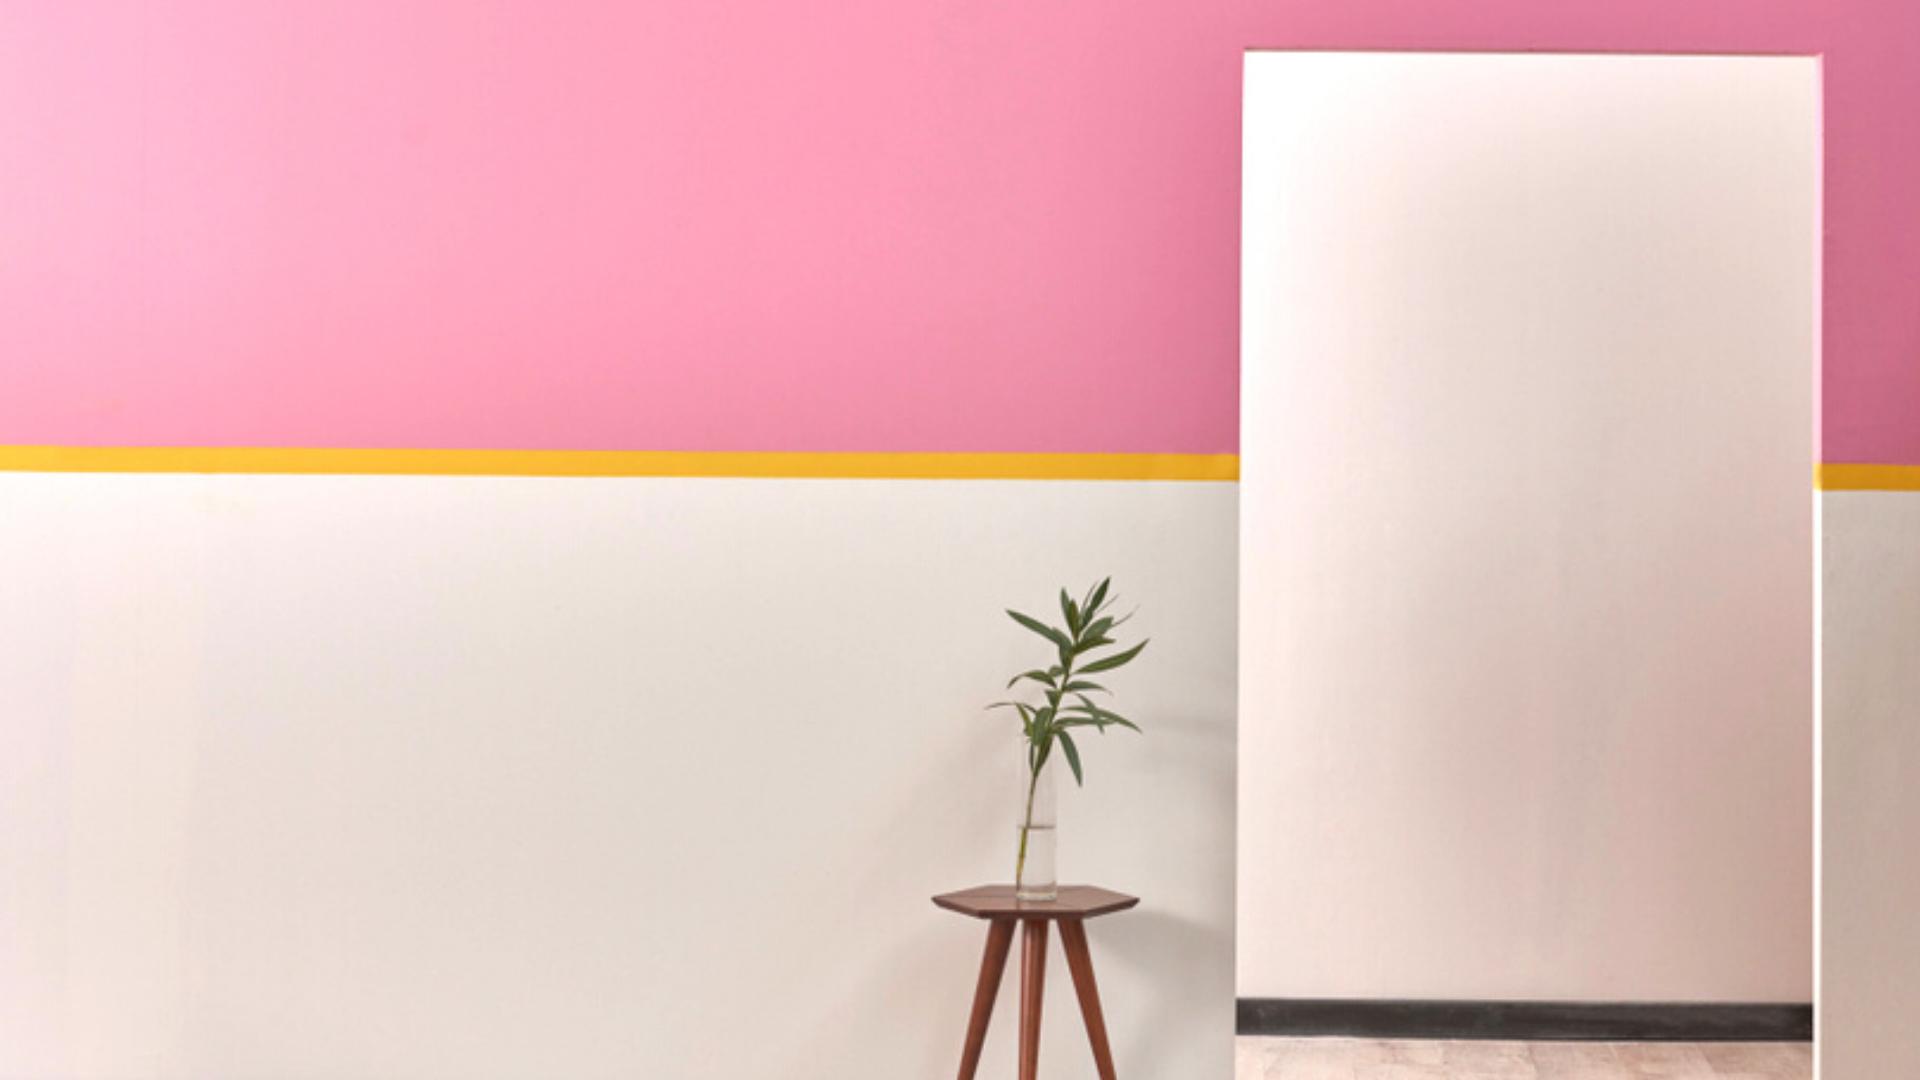 A meia parede serve para demarcar uma área específica (Imagem: Reprodução/Shutterstock)